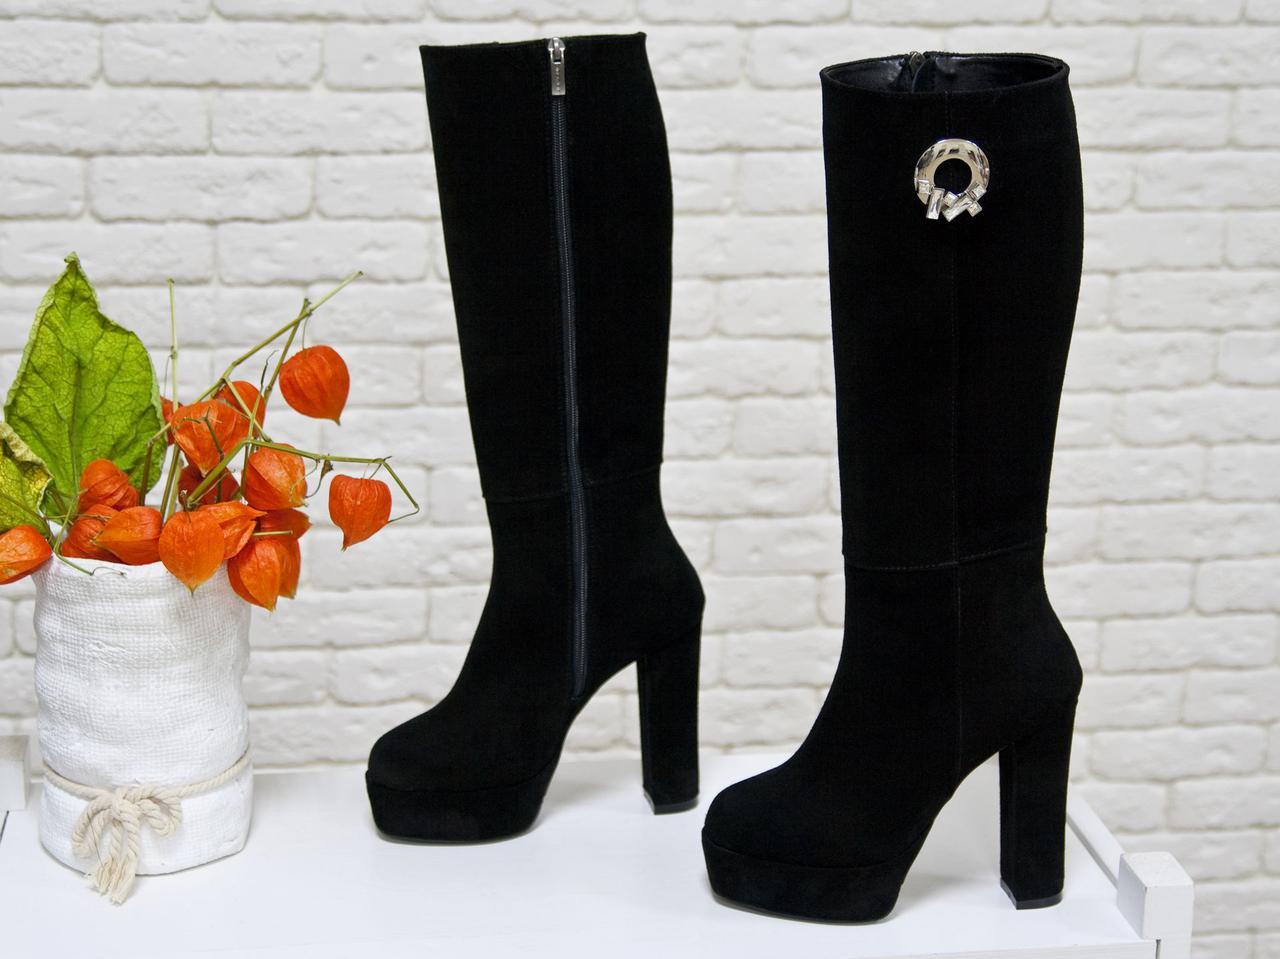 4bfd478a0 Классические женские Сапоги из натуральной нежной замши черного цвета на  высоком обтяжном каблуке, Коллекция Осень